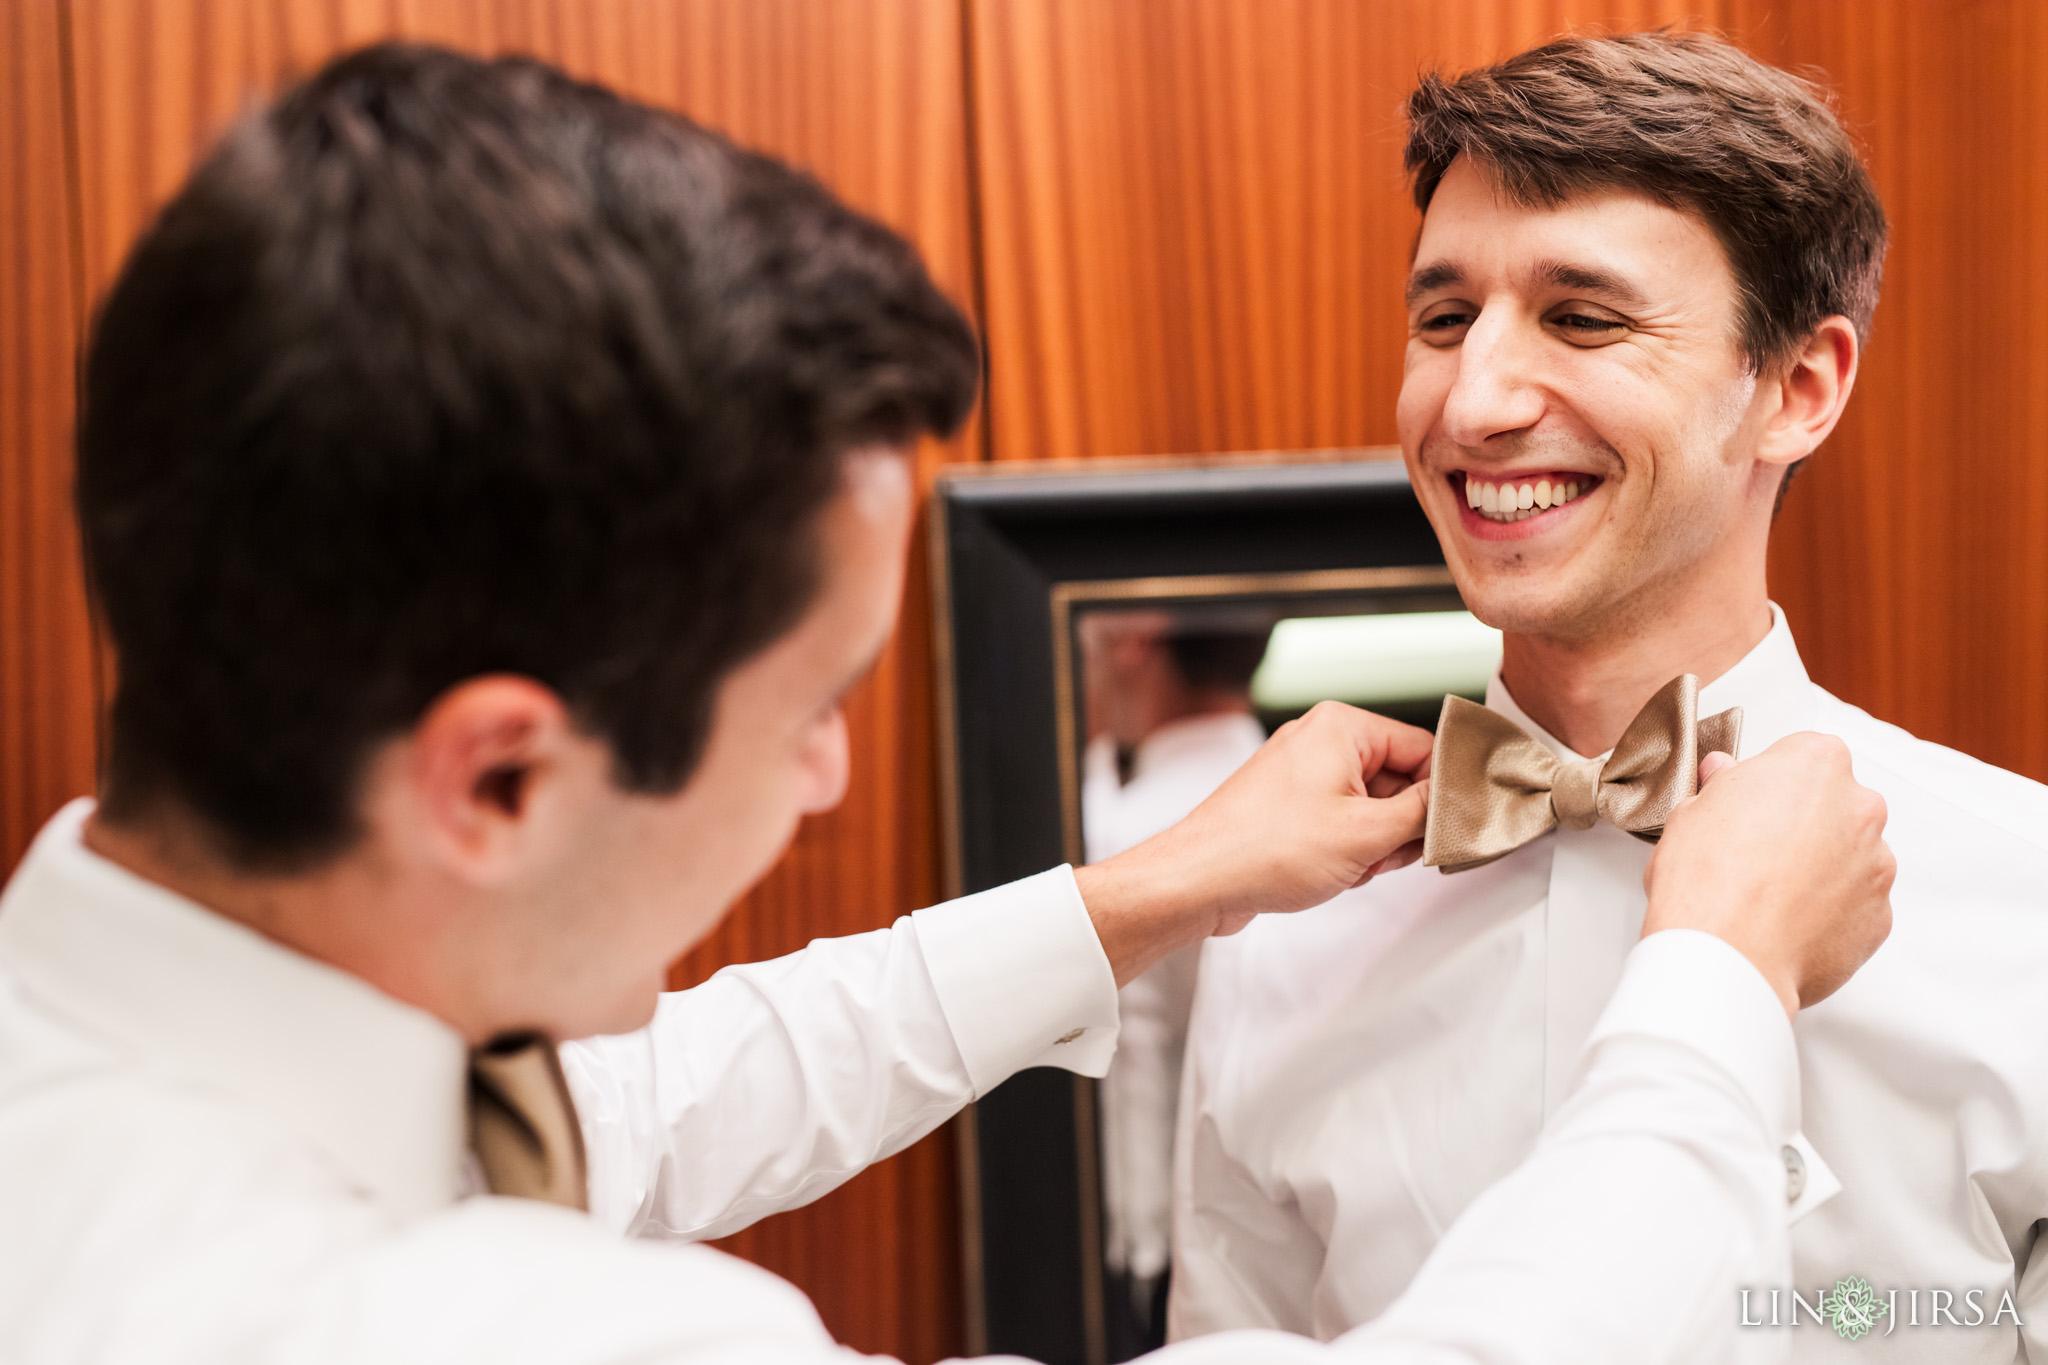 008 richard nixon library groom wedding photography